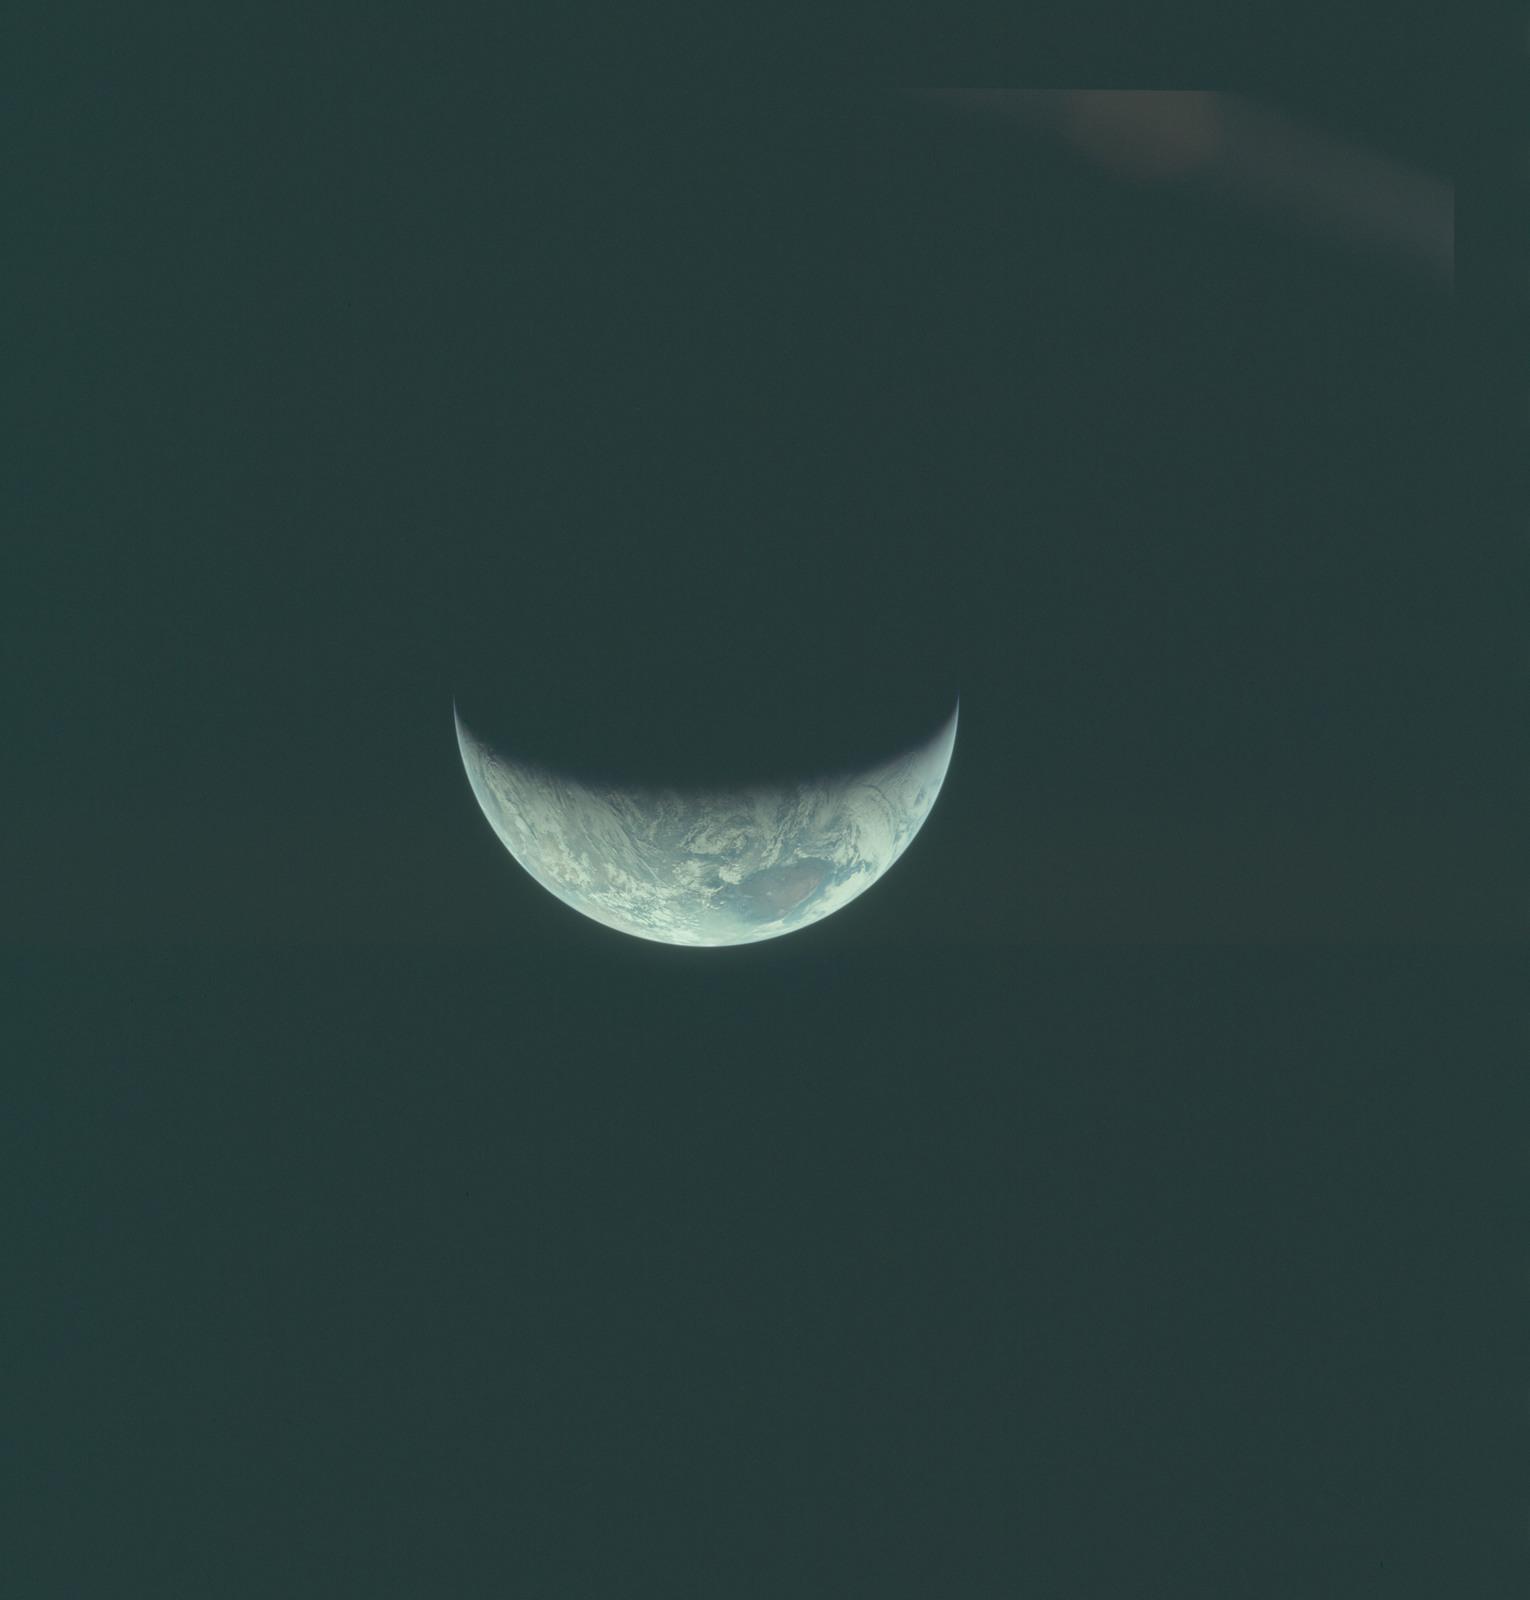 AS11-44-6683 - Apollo 11 - Apollo 11 Mission image - View of Earth